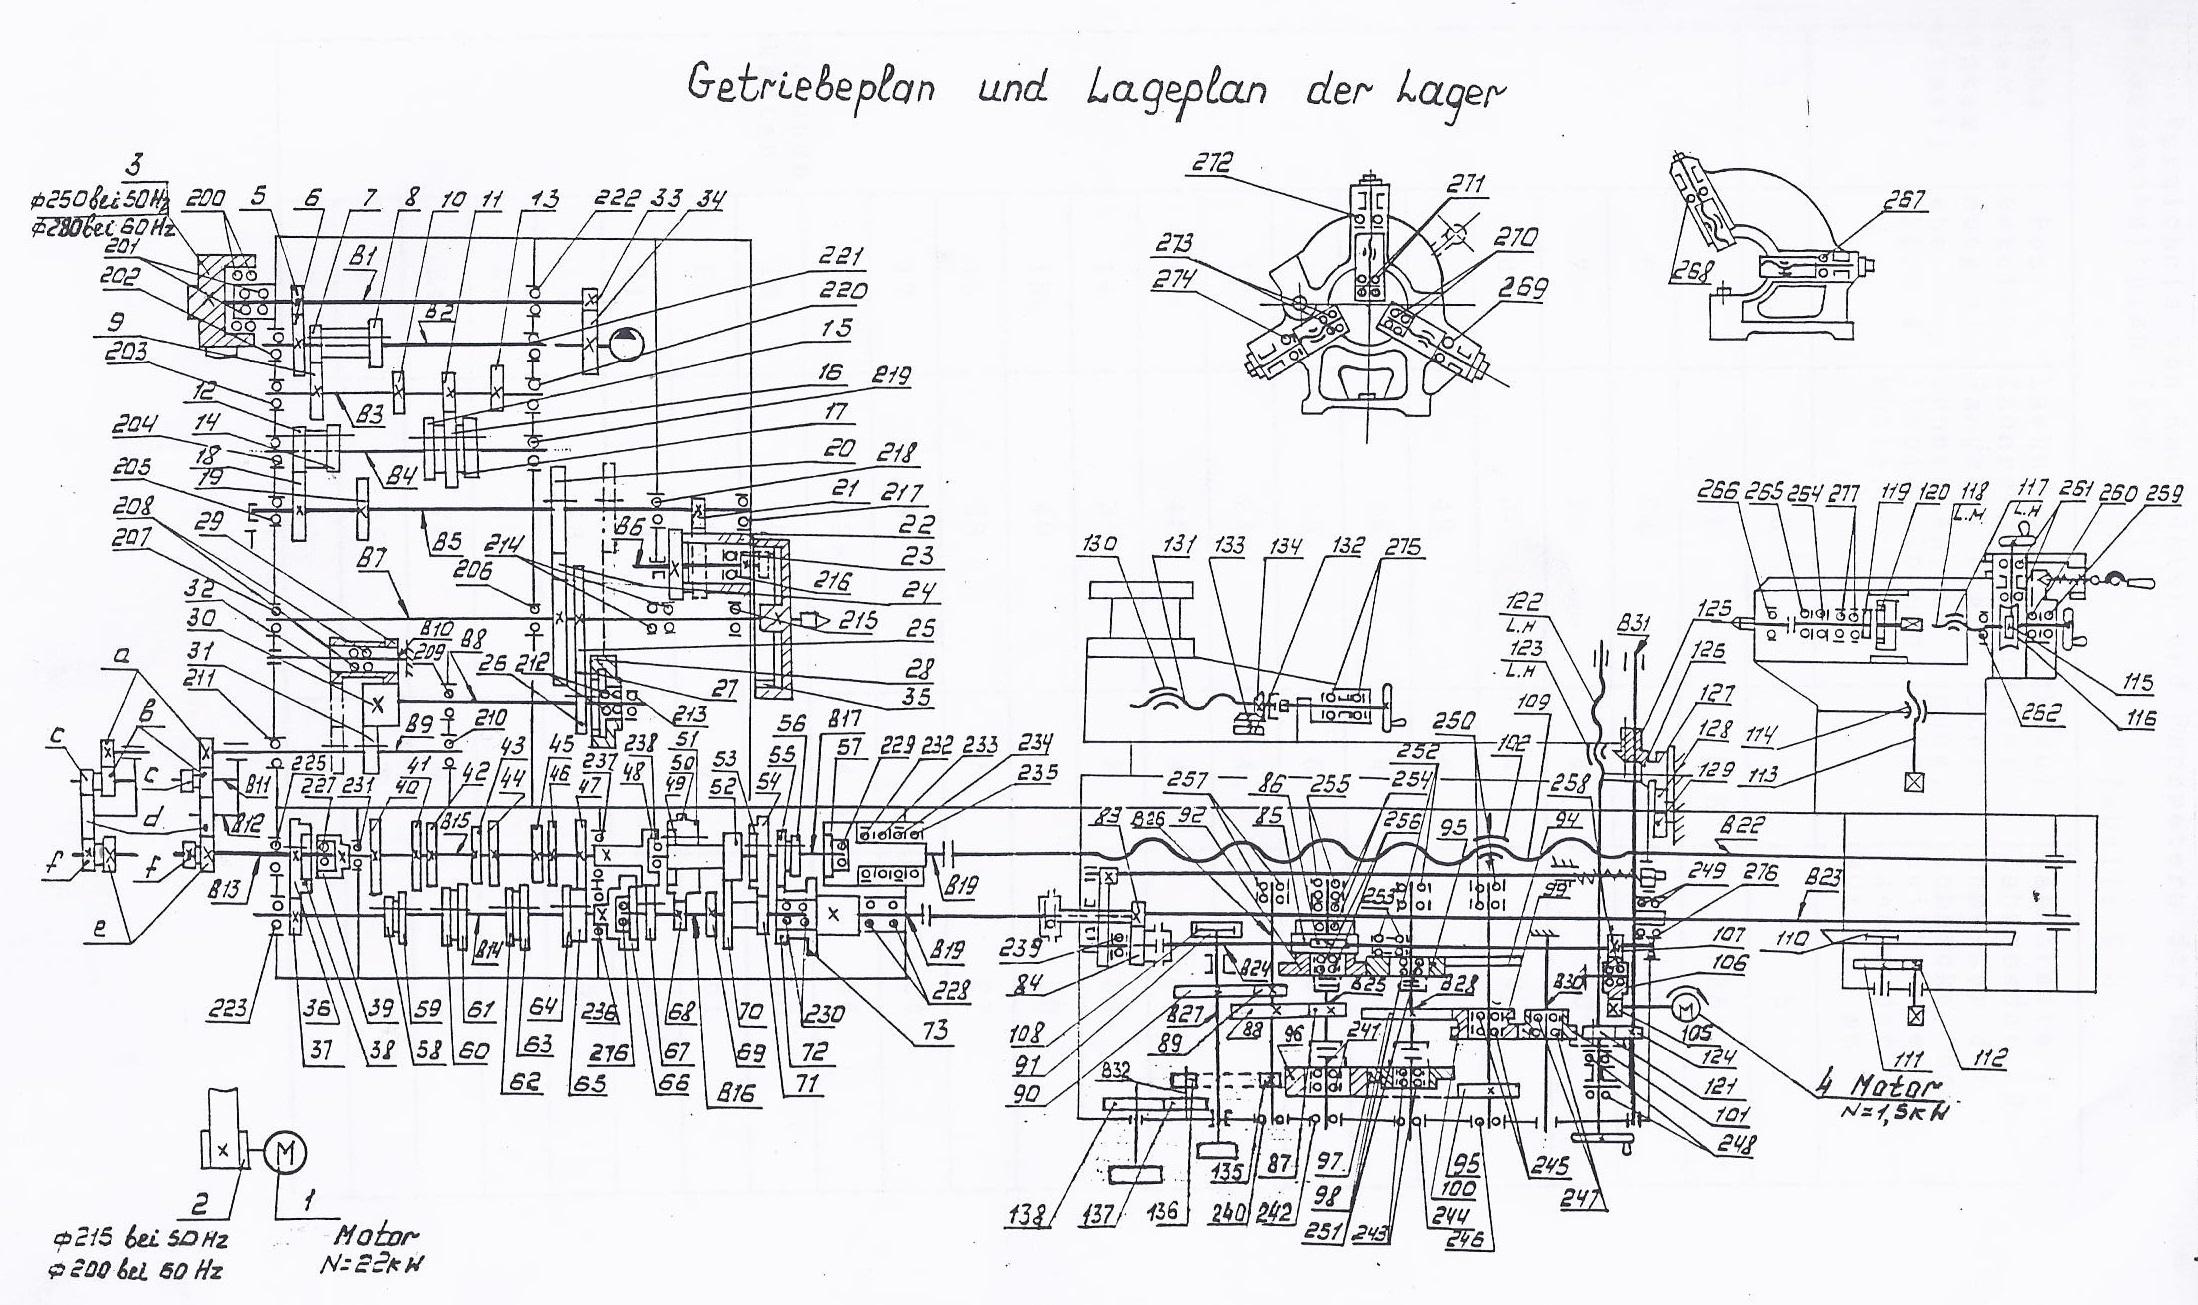 STANKO 1H65 Getriebeplan